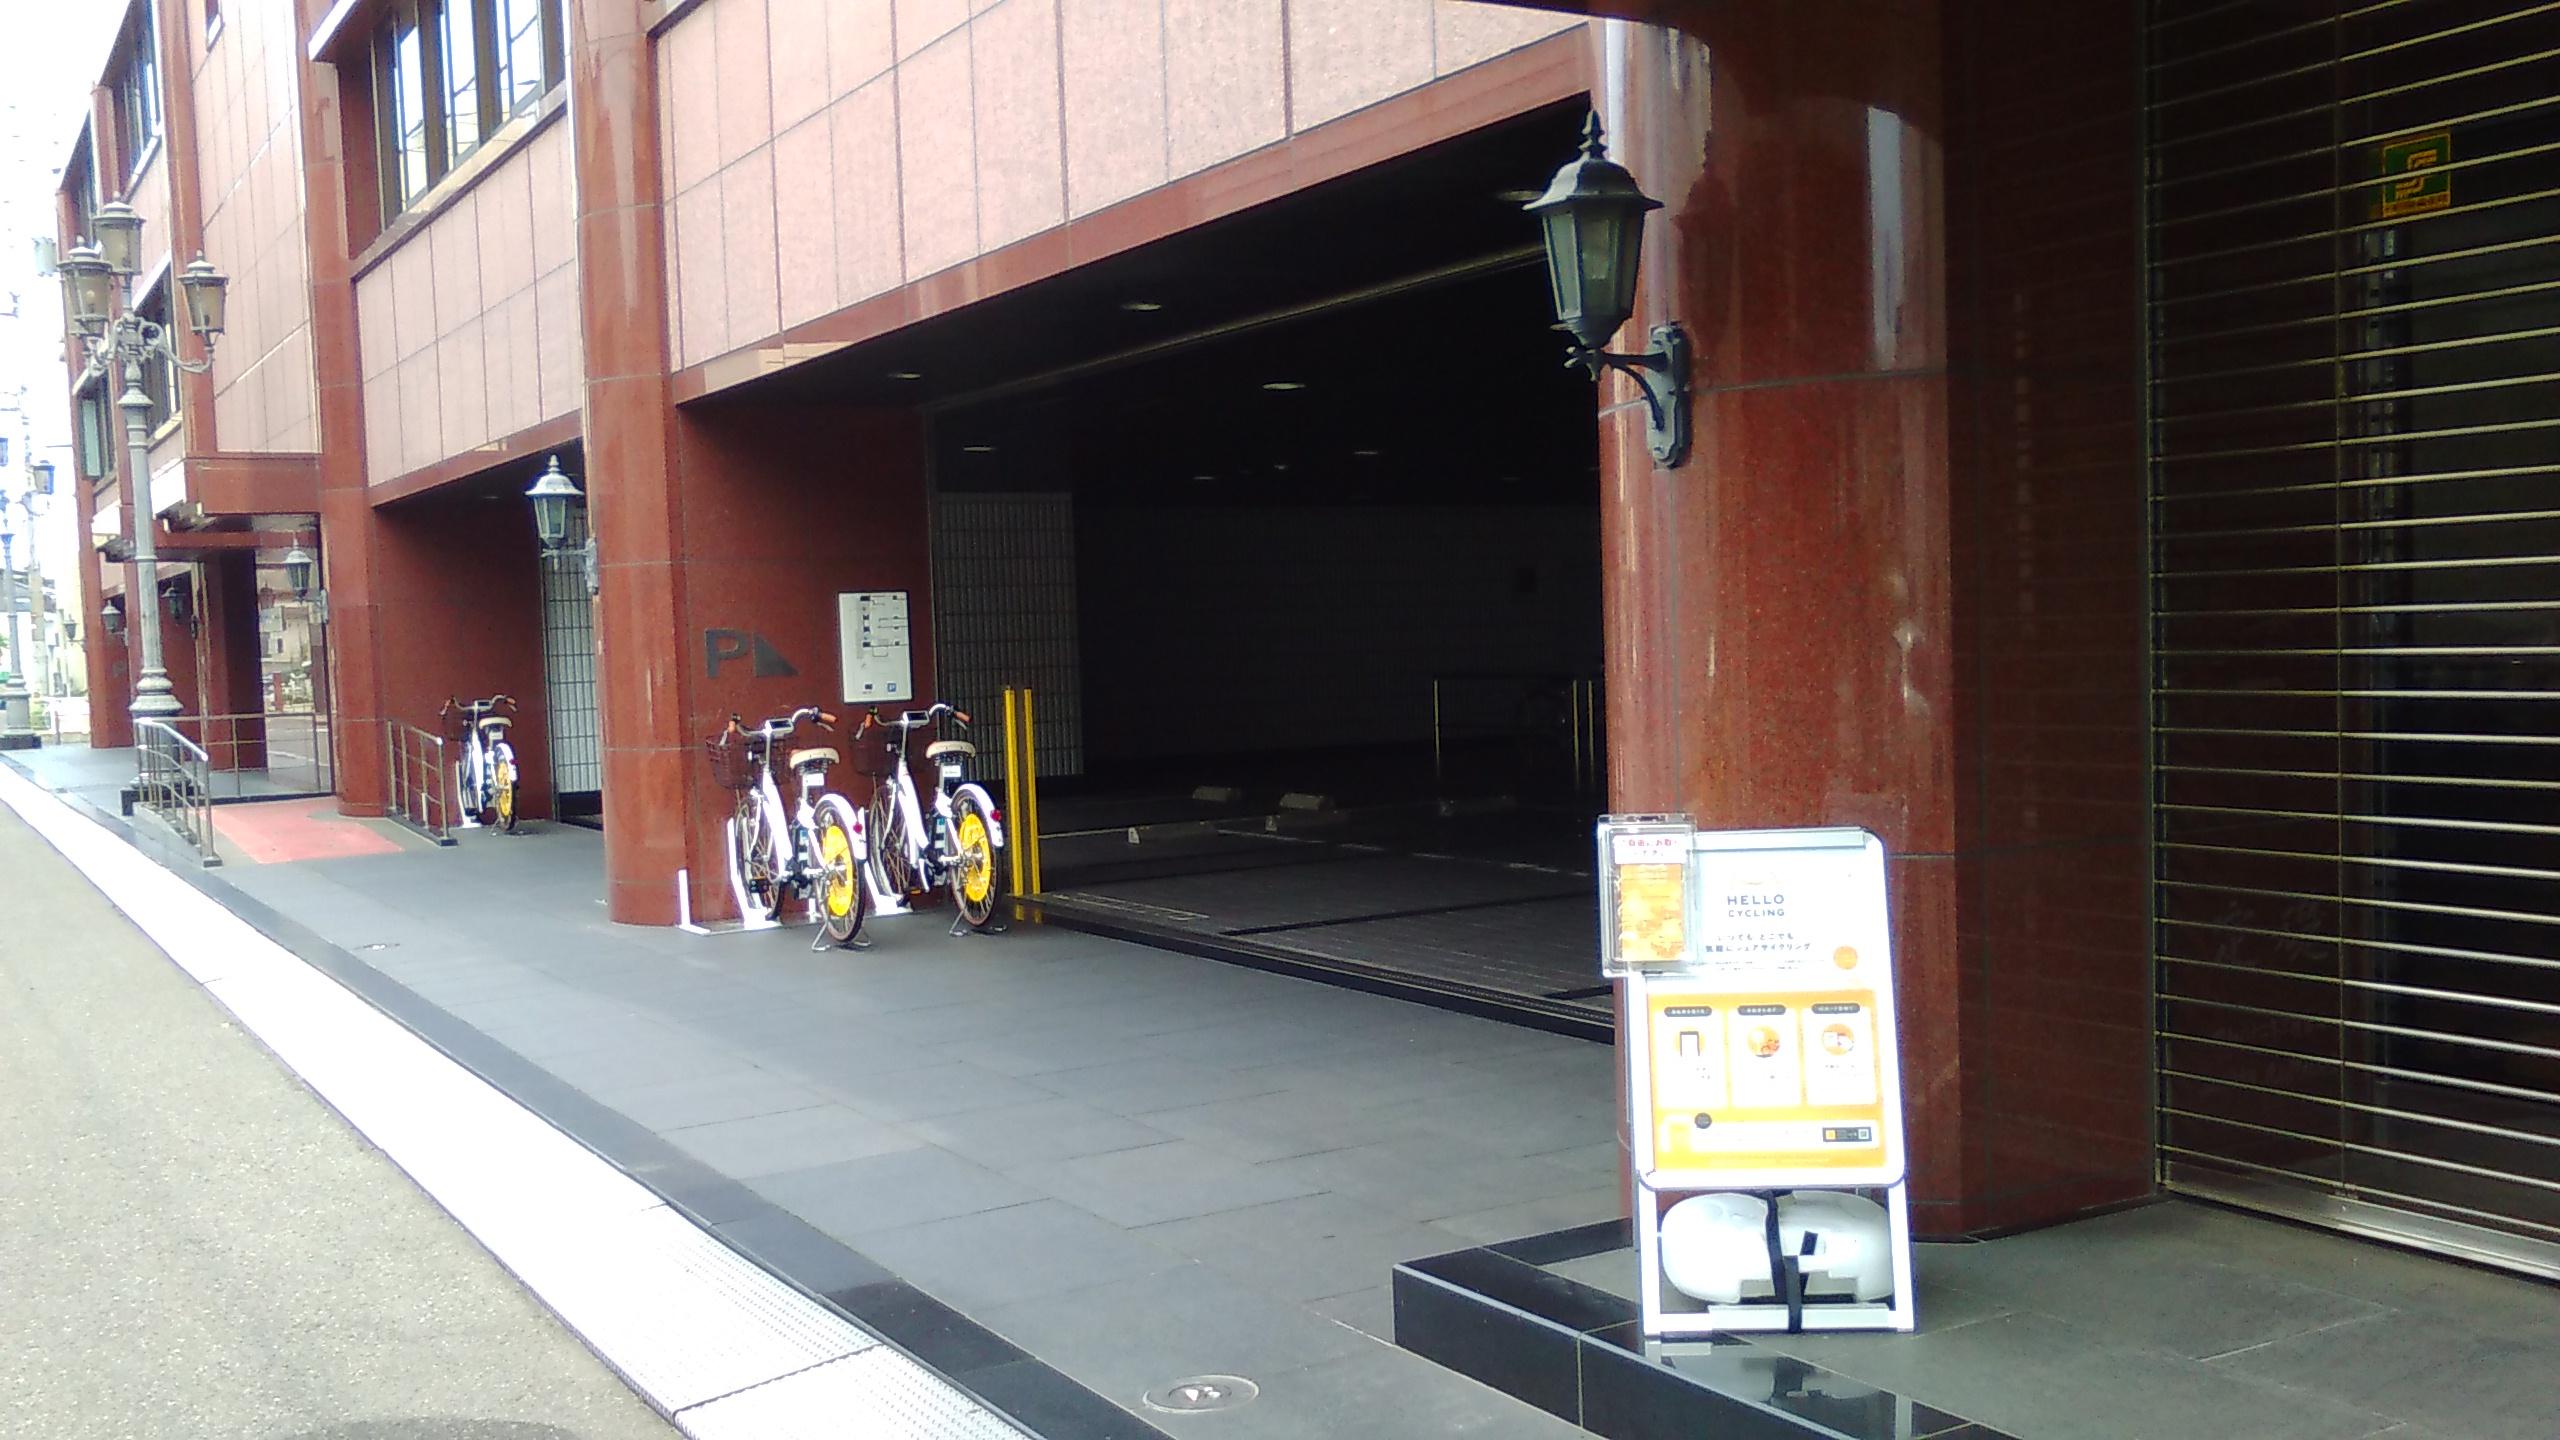 あなぶきPMアカデミー (HELLO CYCLING ポート) image